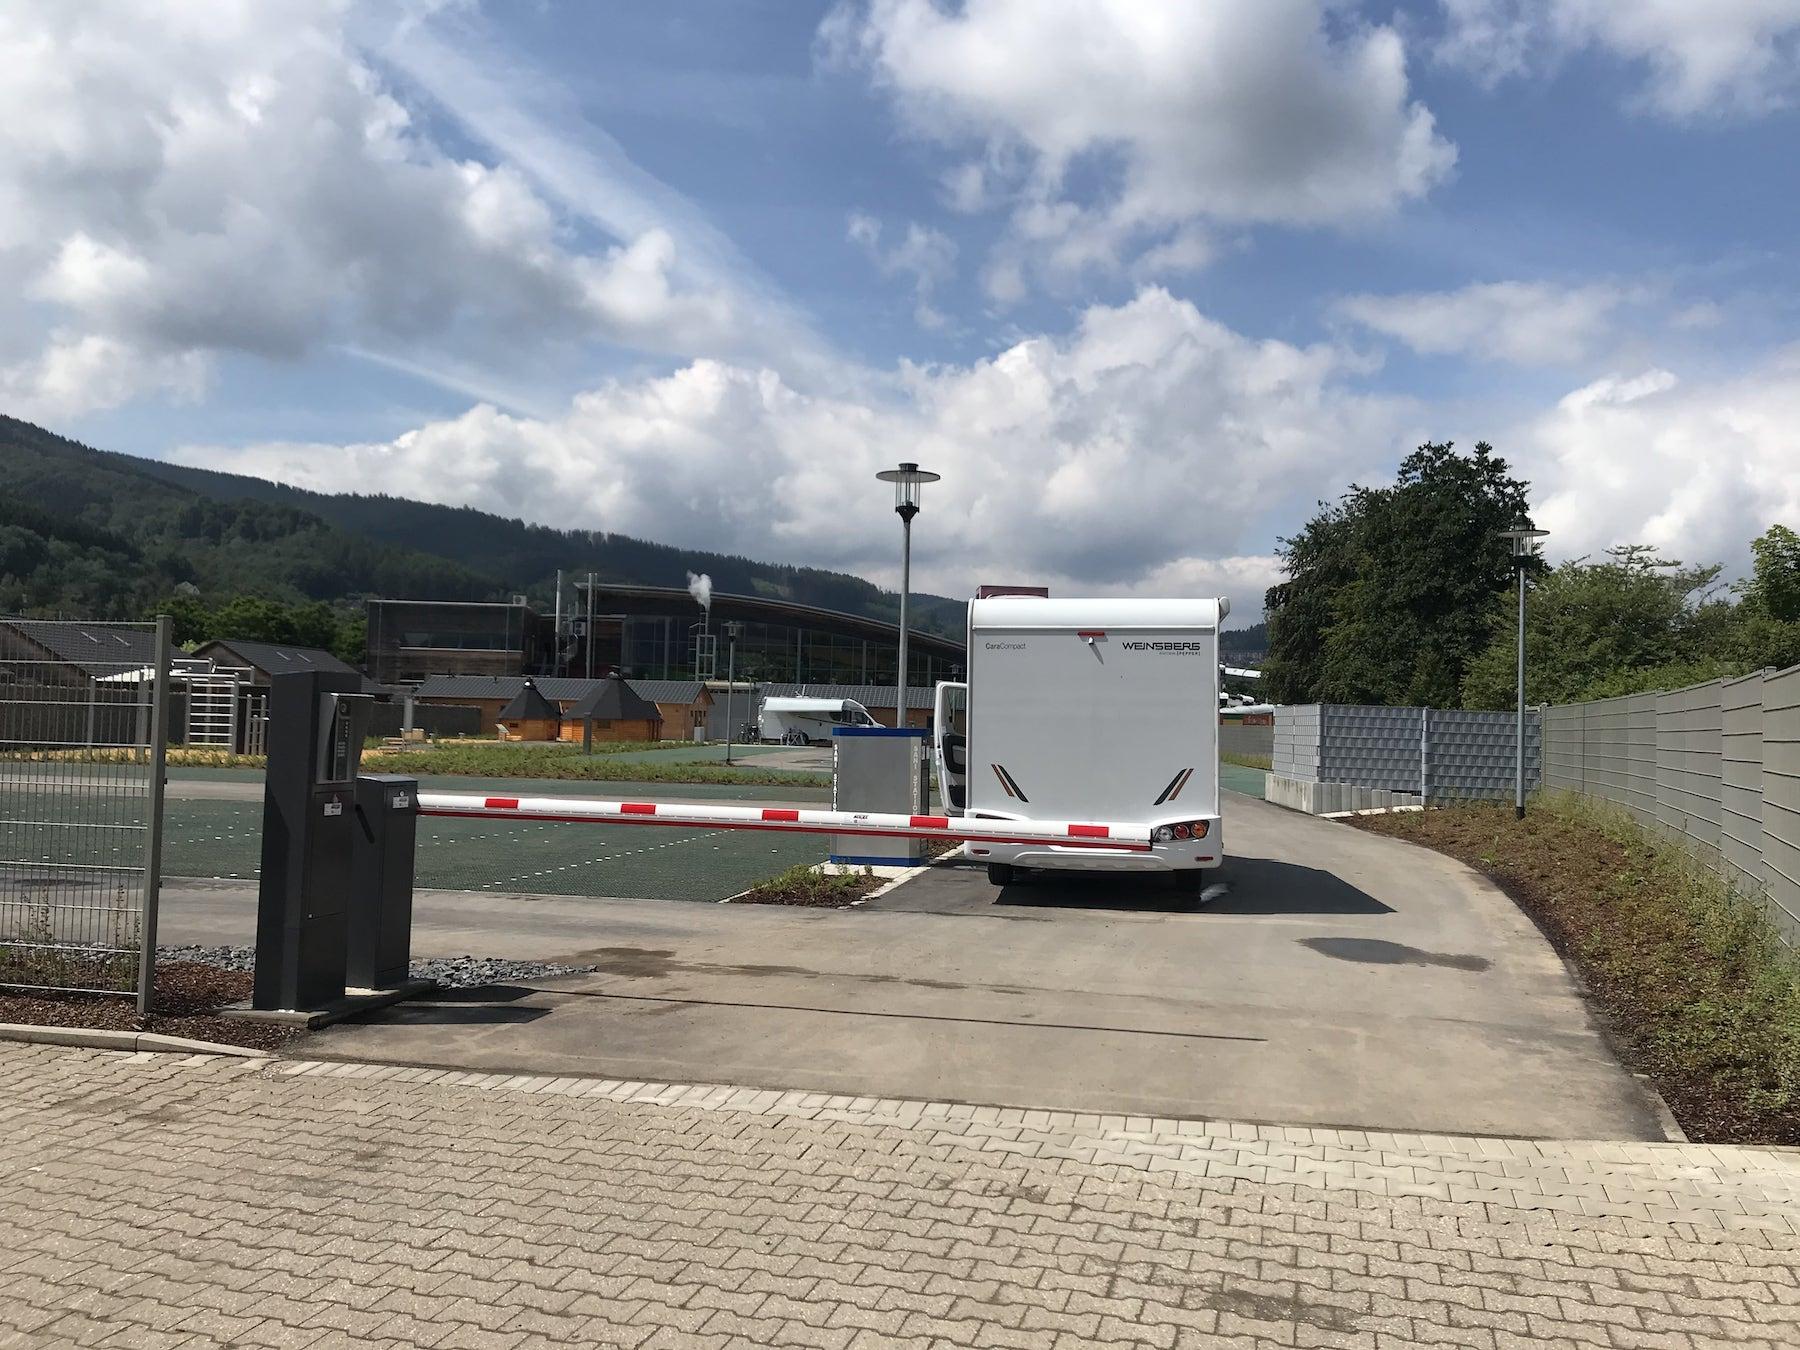 Ver und Entsorgen Plettenberg Wohnmobil